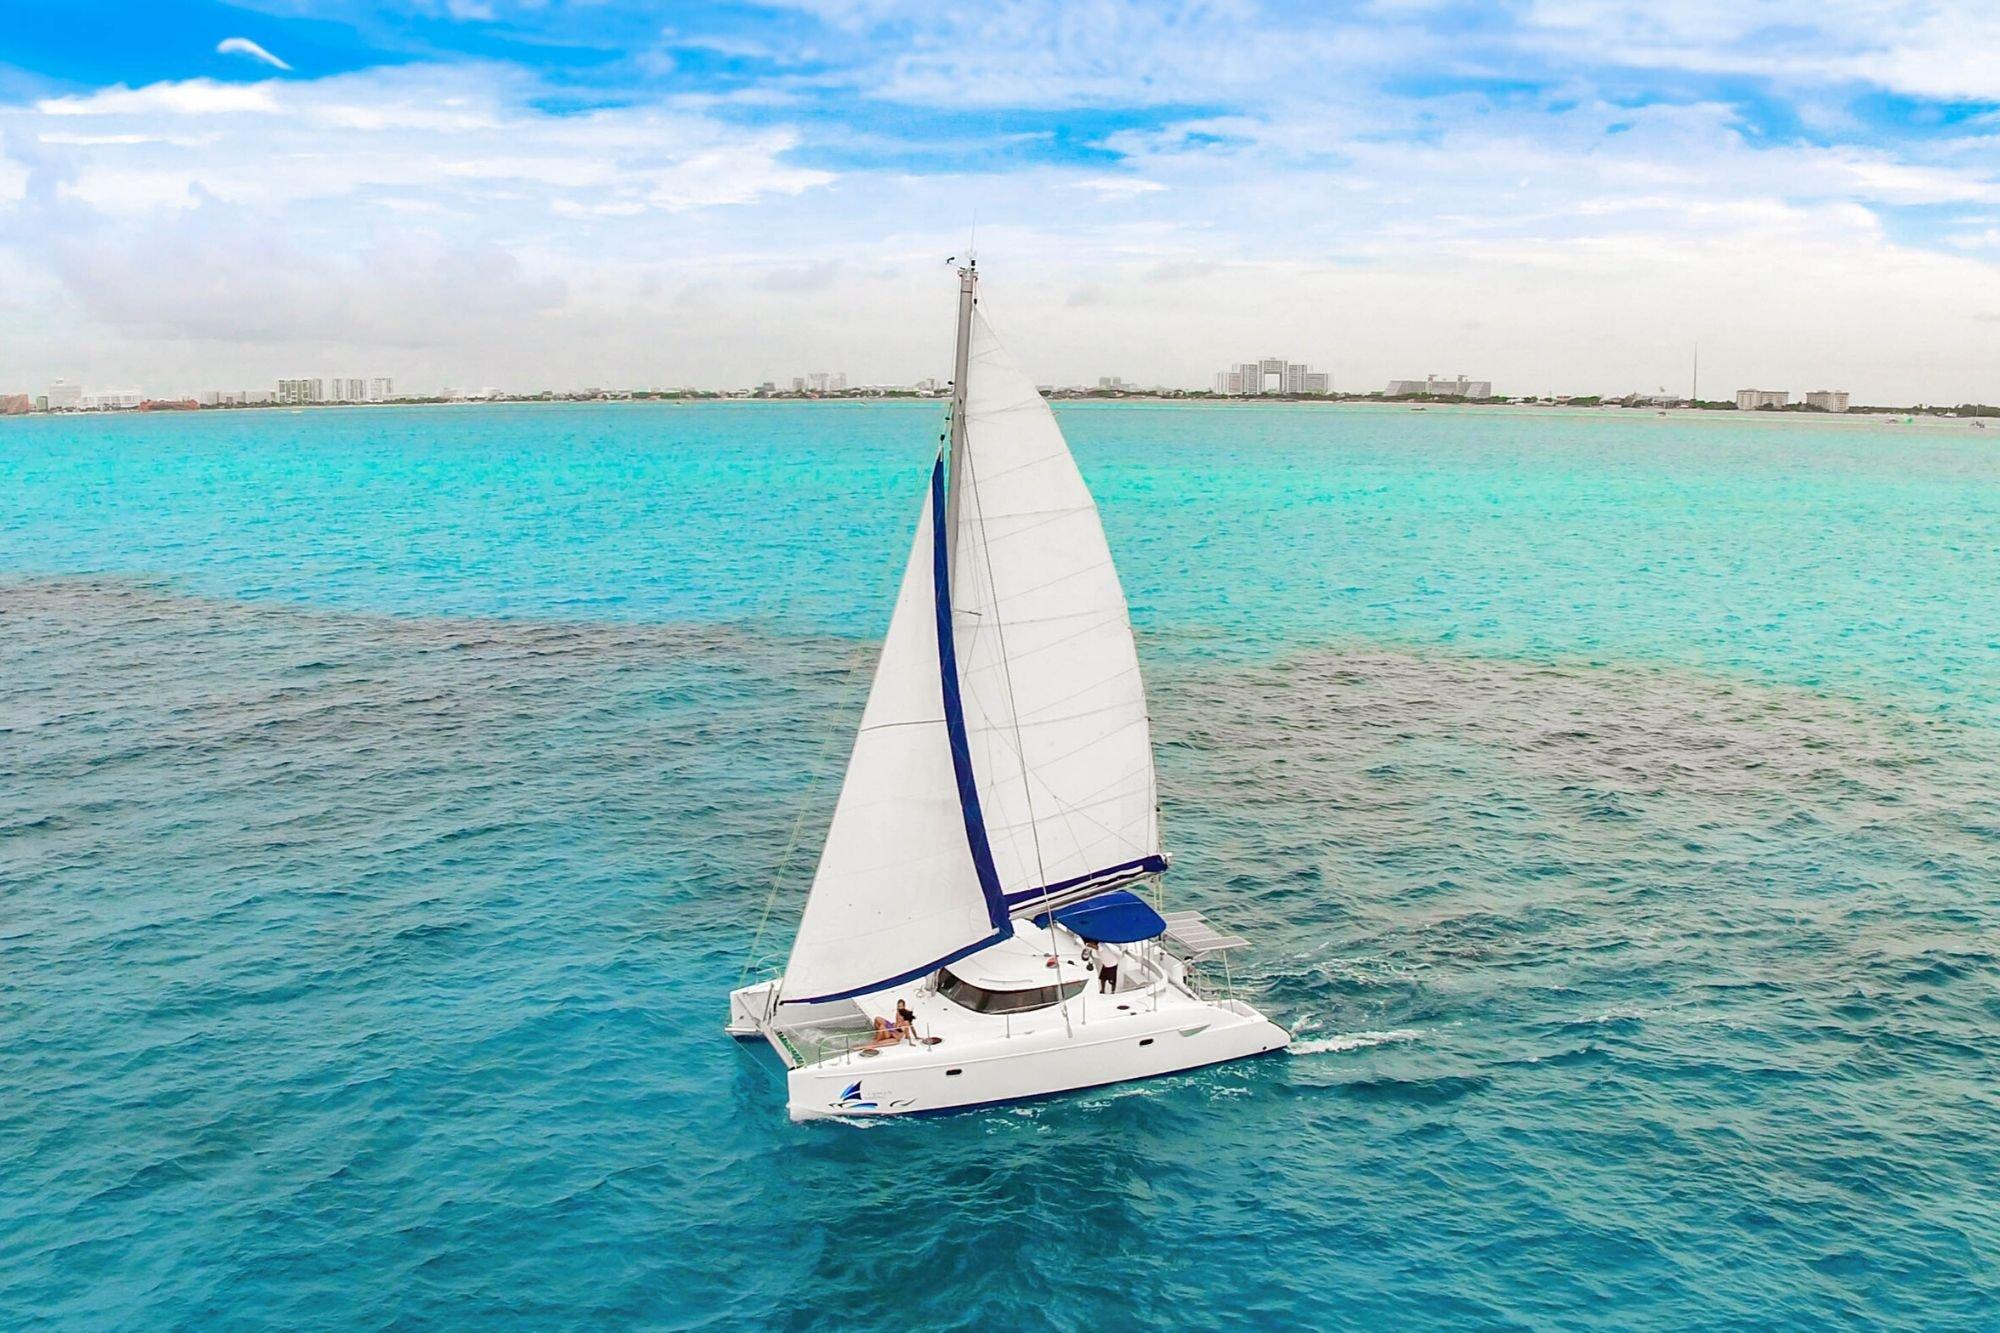 Malube - Isla Mujeres Catamaran Tour - Cancun Sailing 3